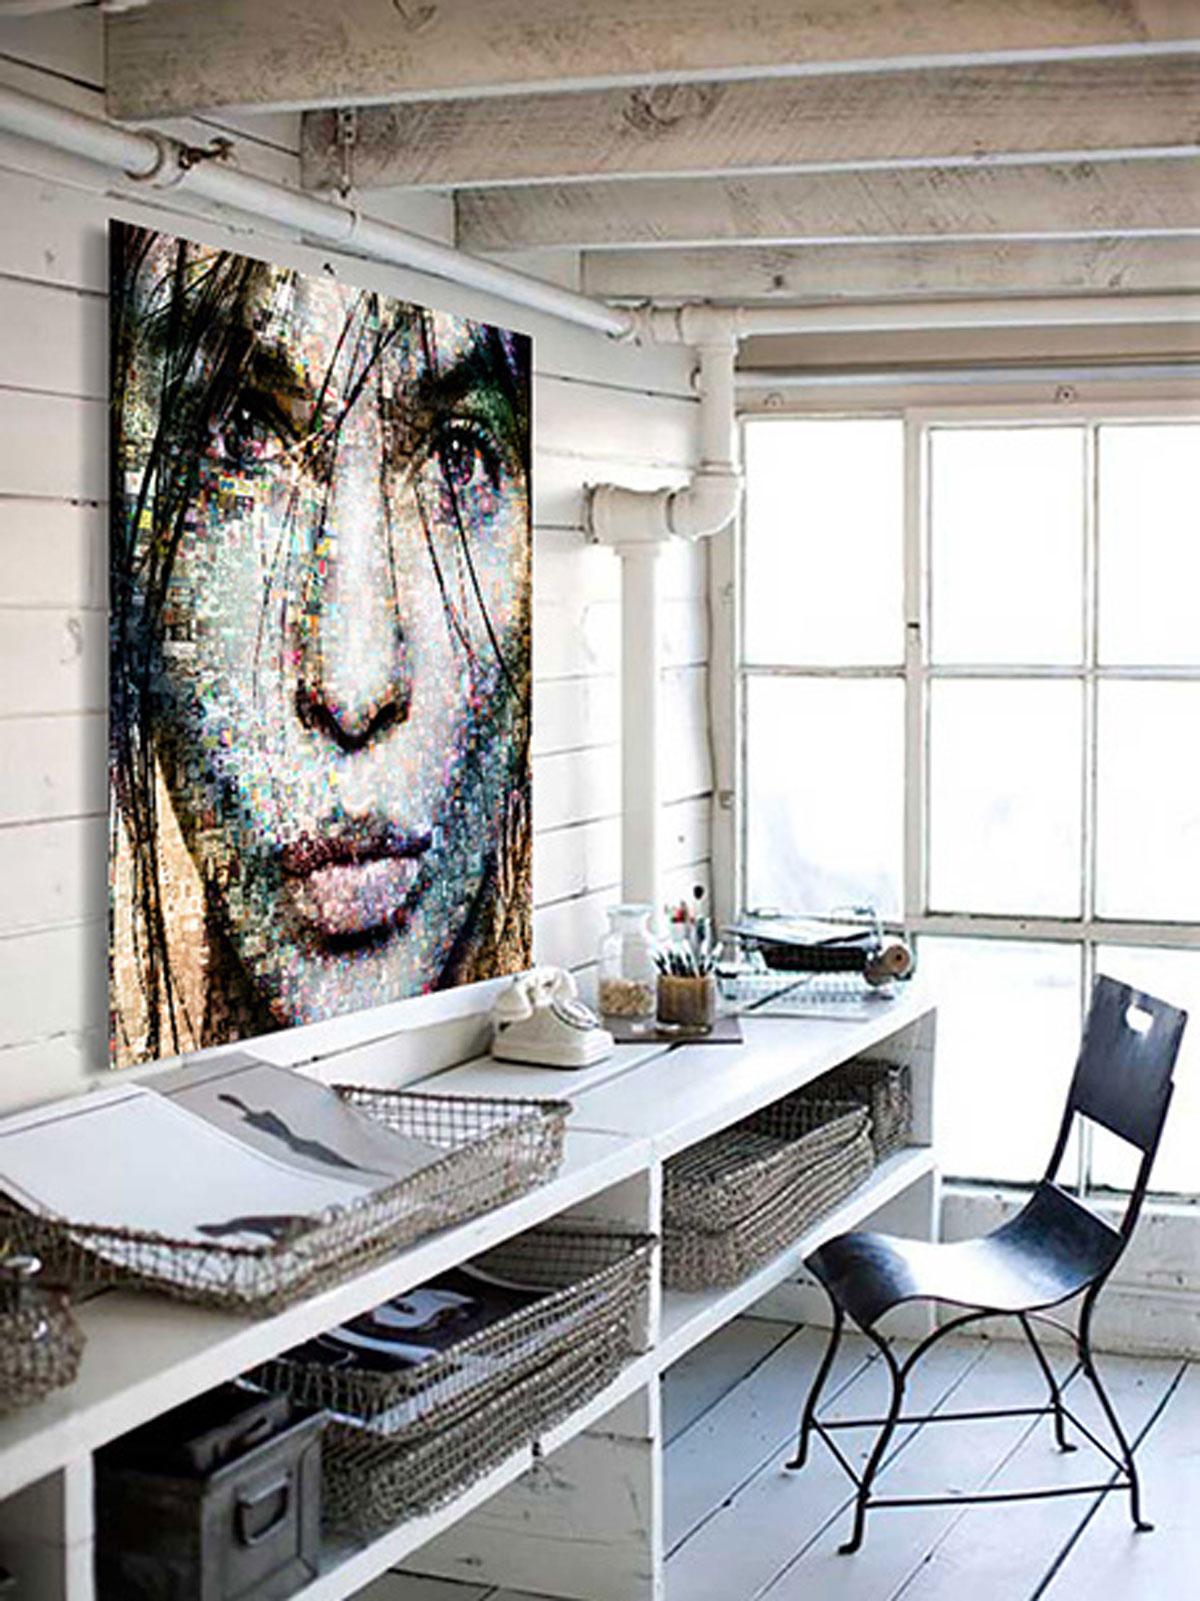 Geef saaie ruimtes nooit op, Xi Art, Kunst, Art, the art of living